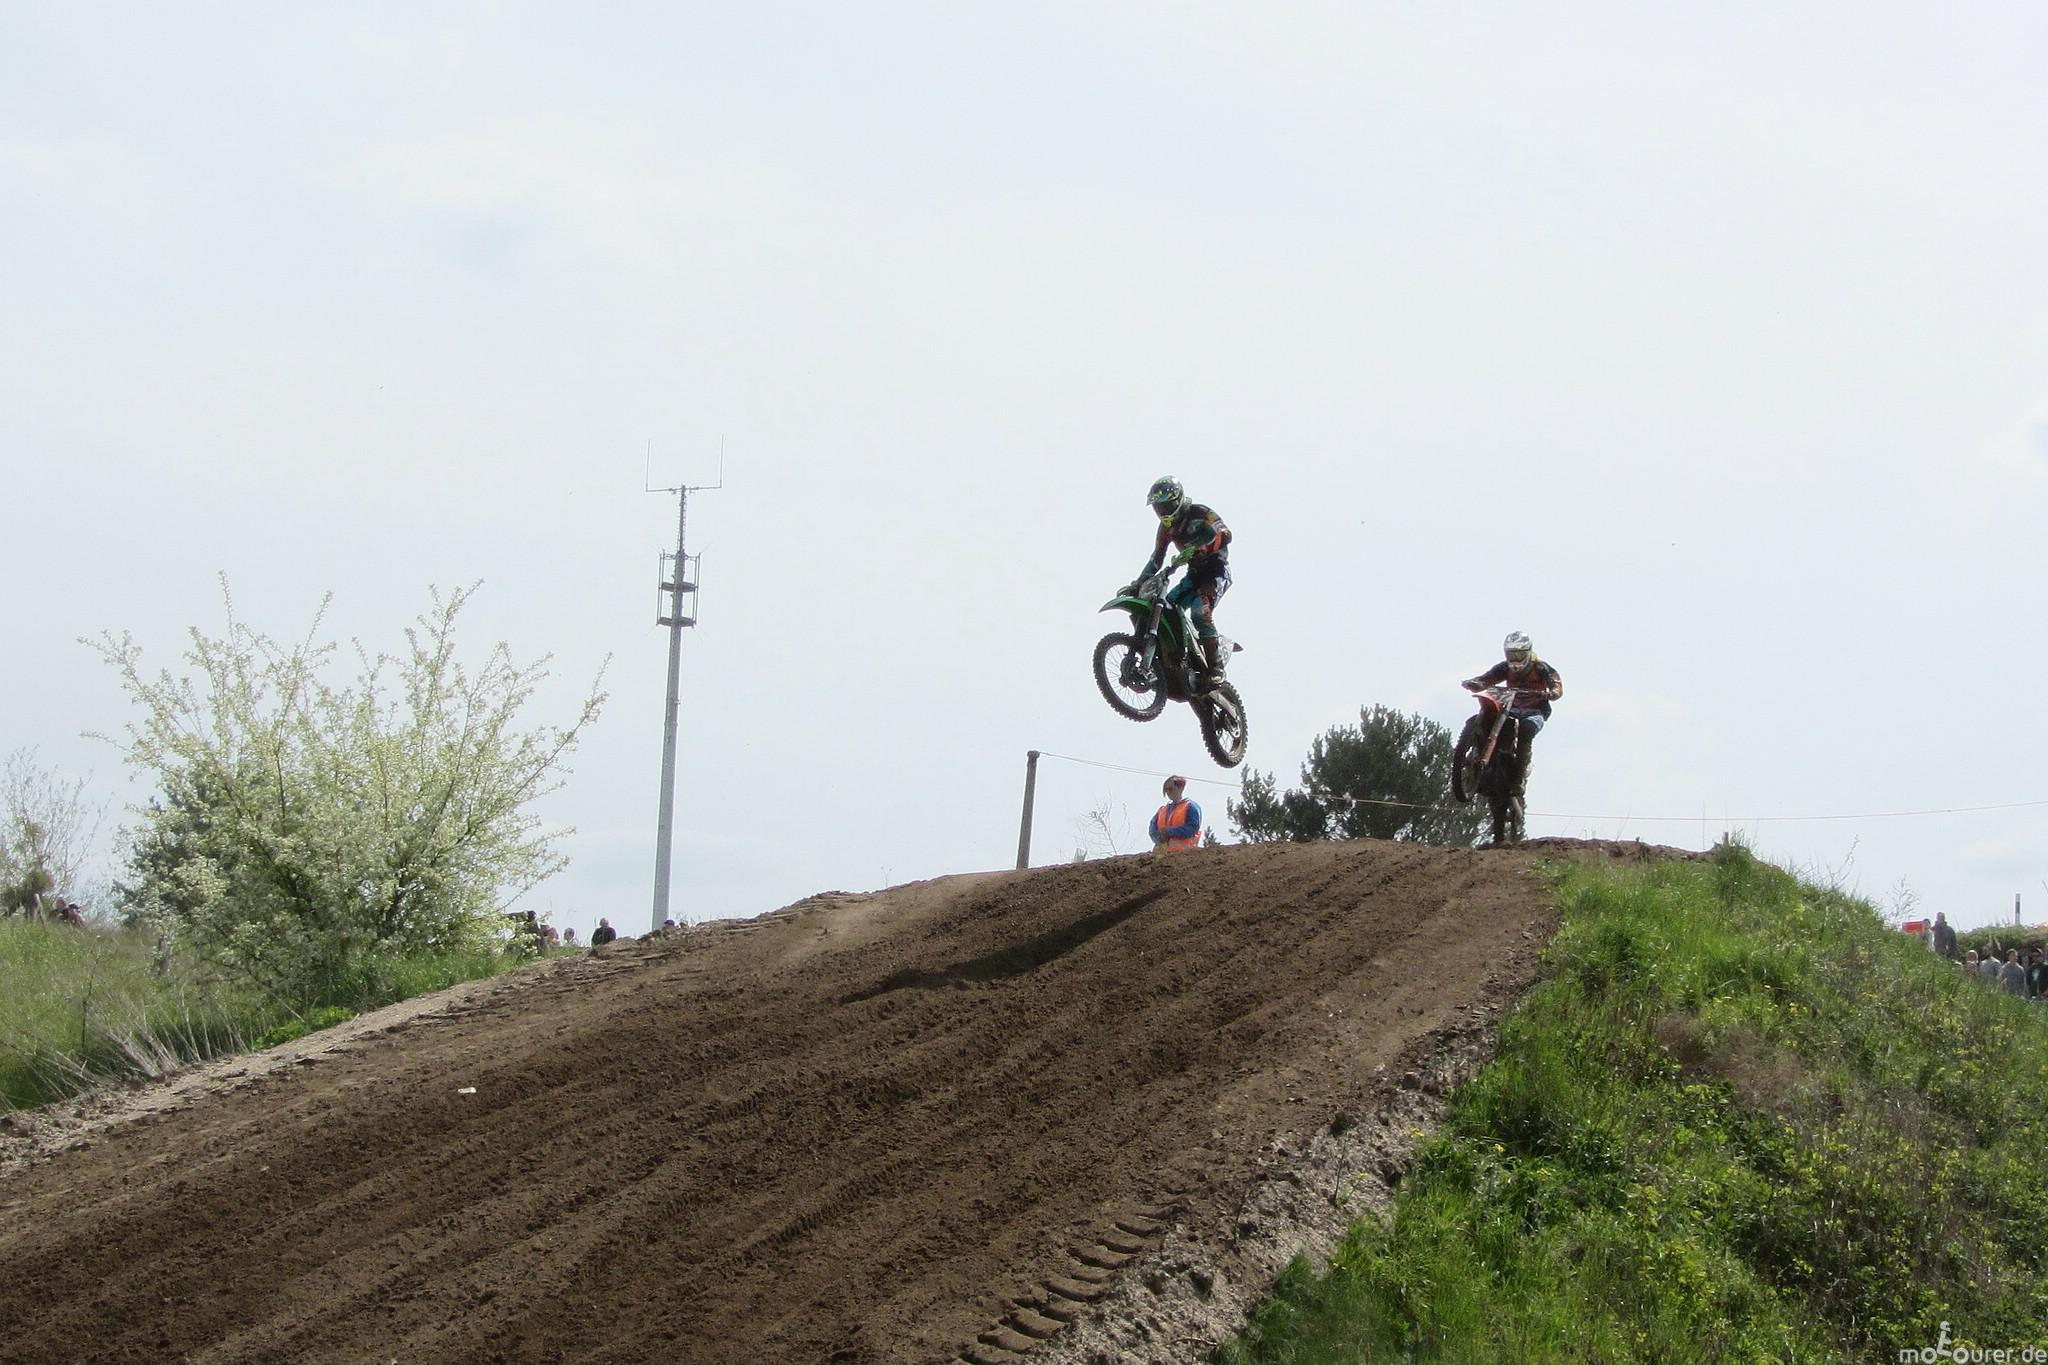 Motocross in Wriezen